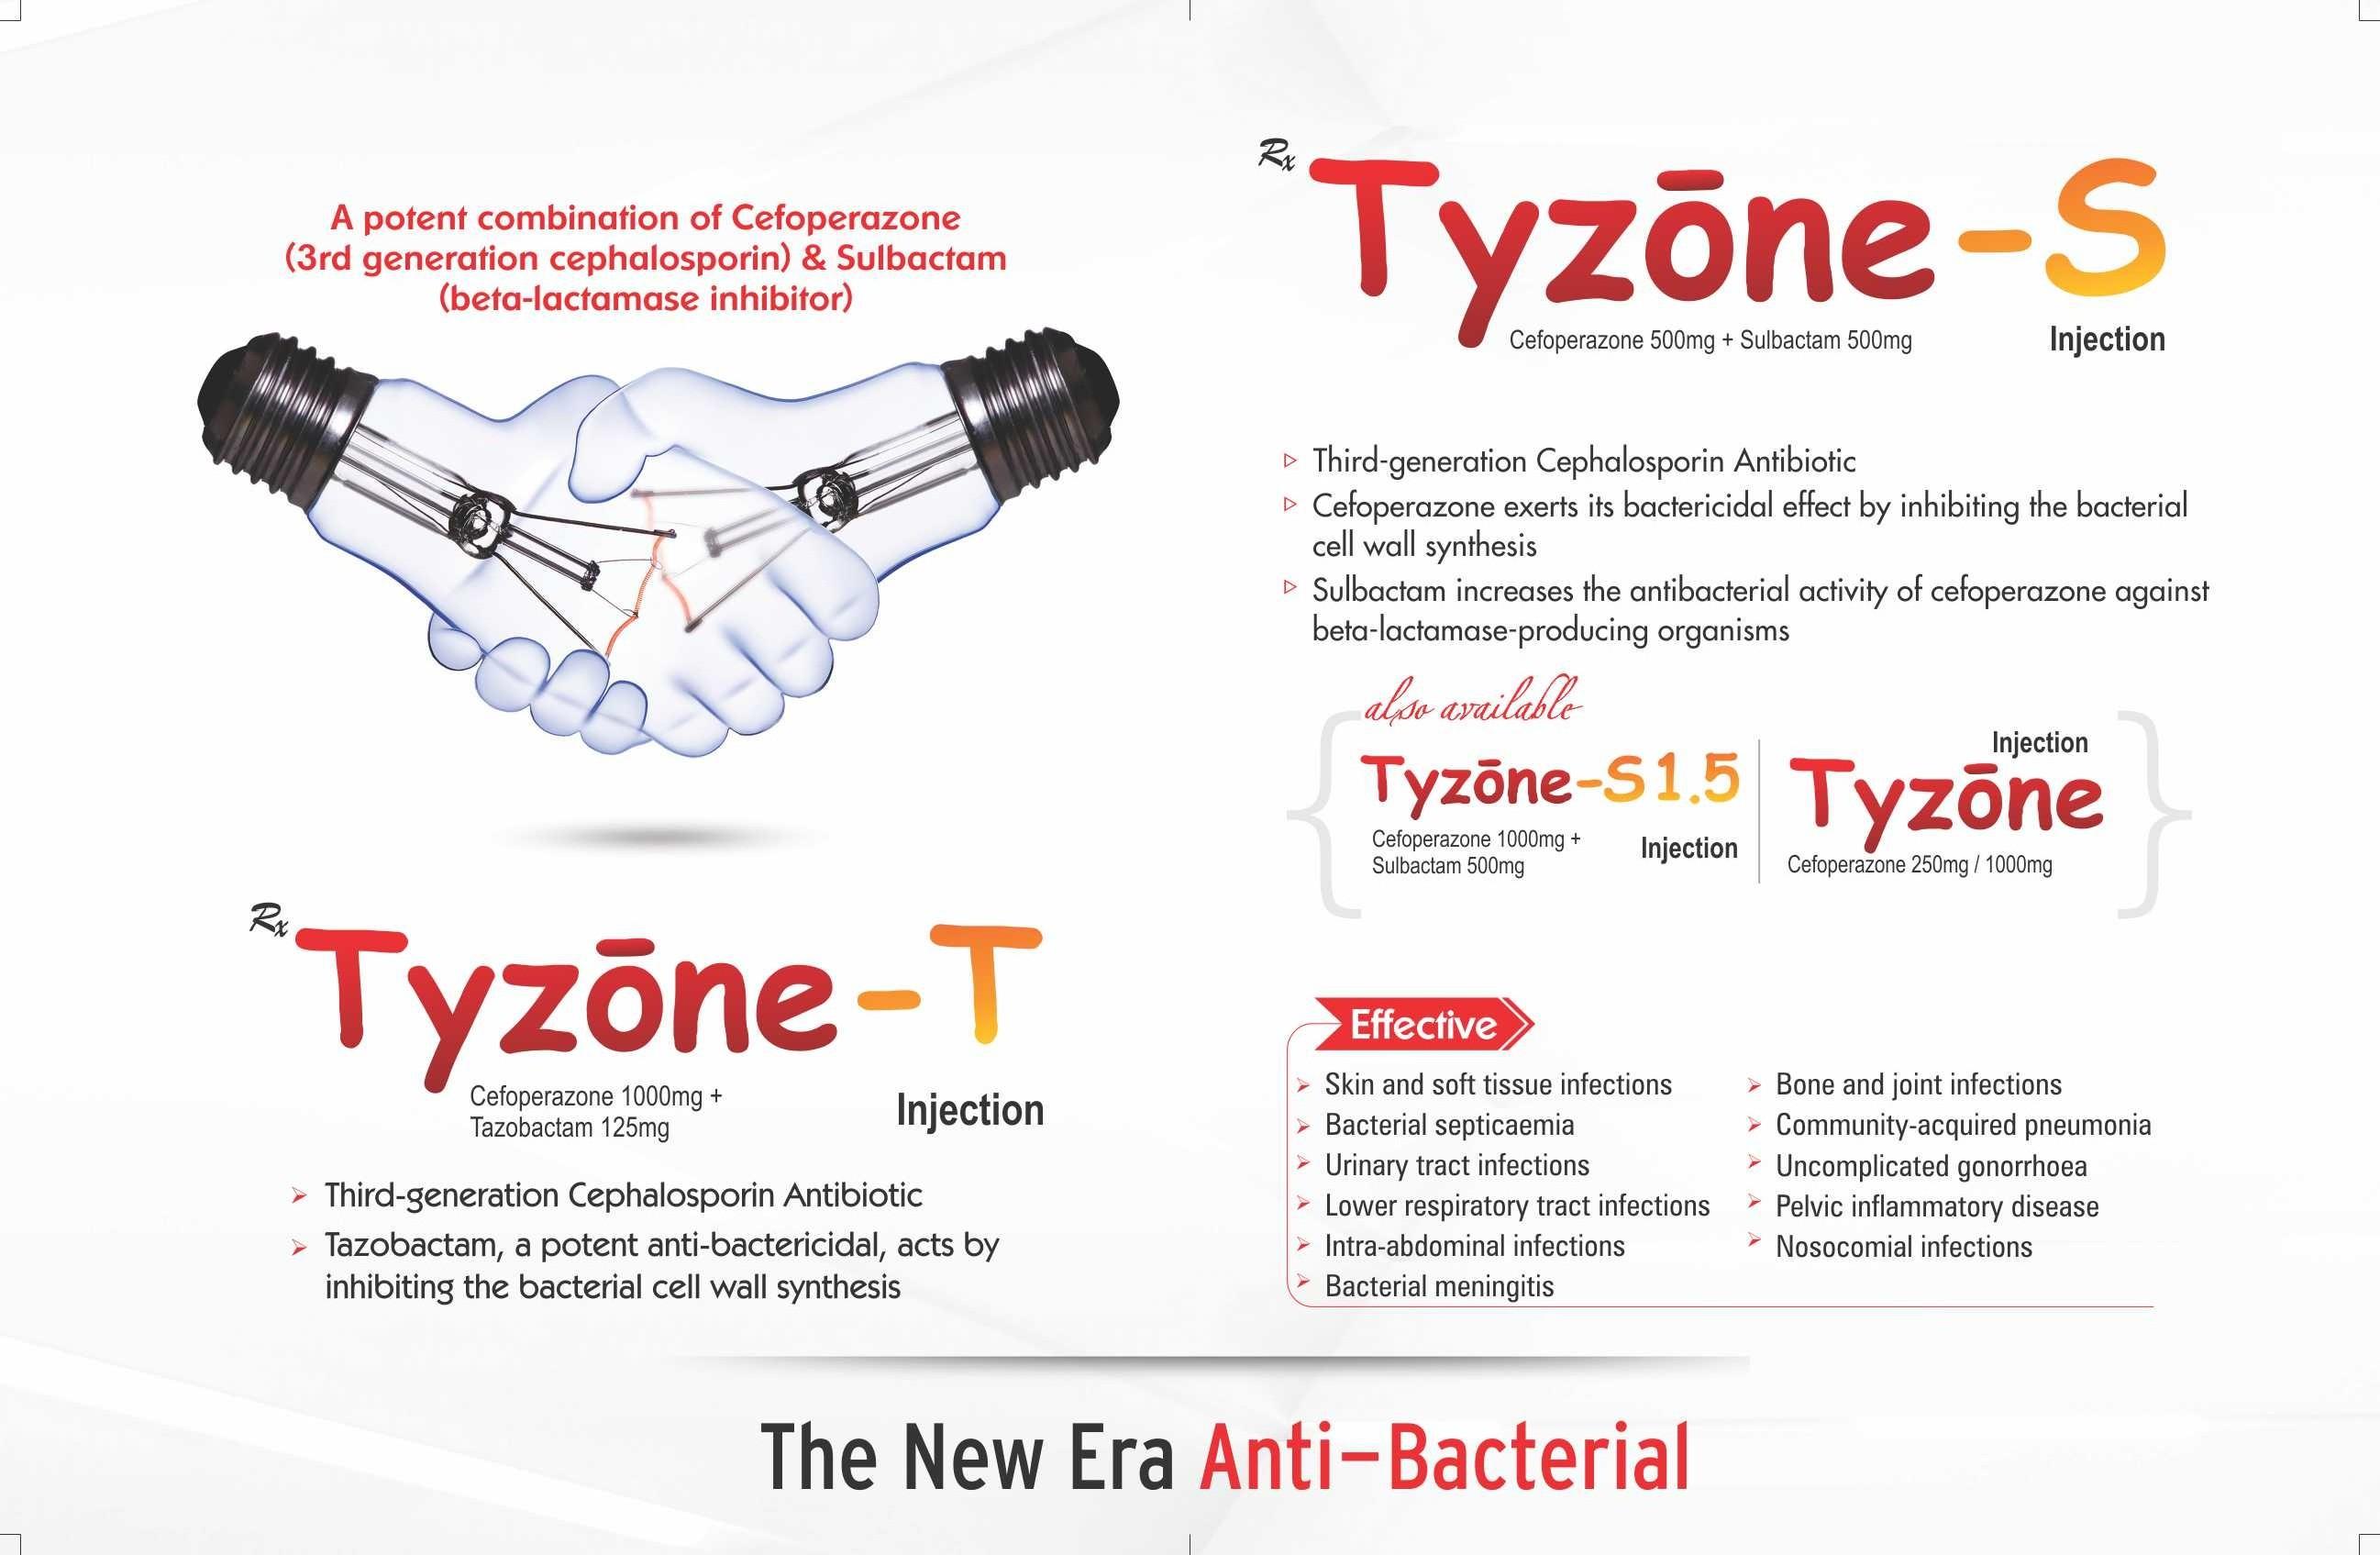 Tyzone